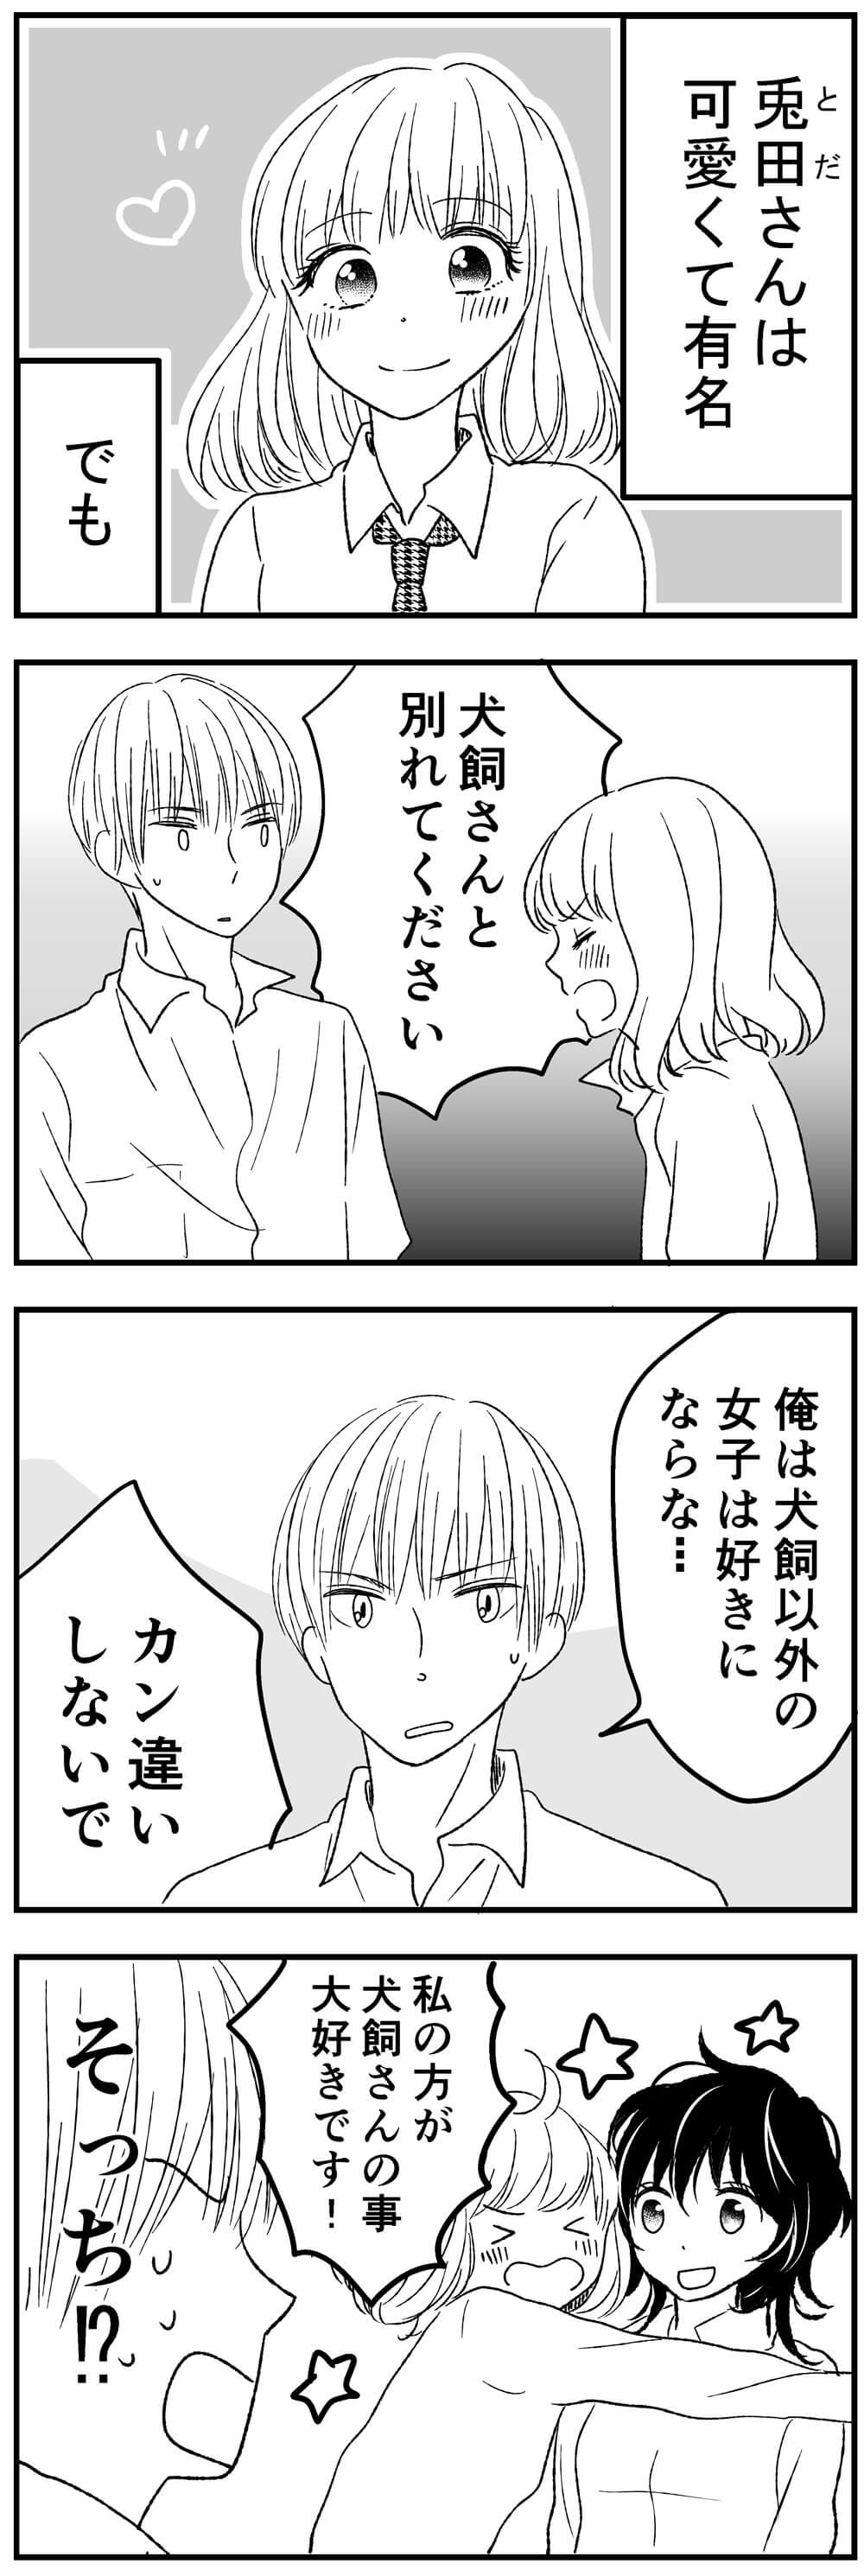 イヌカノ5-2